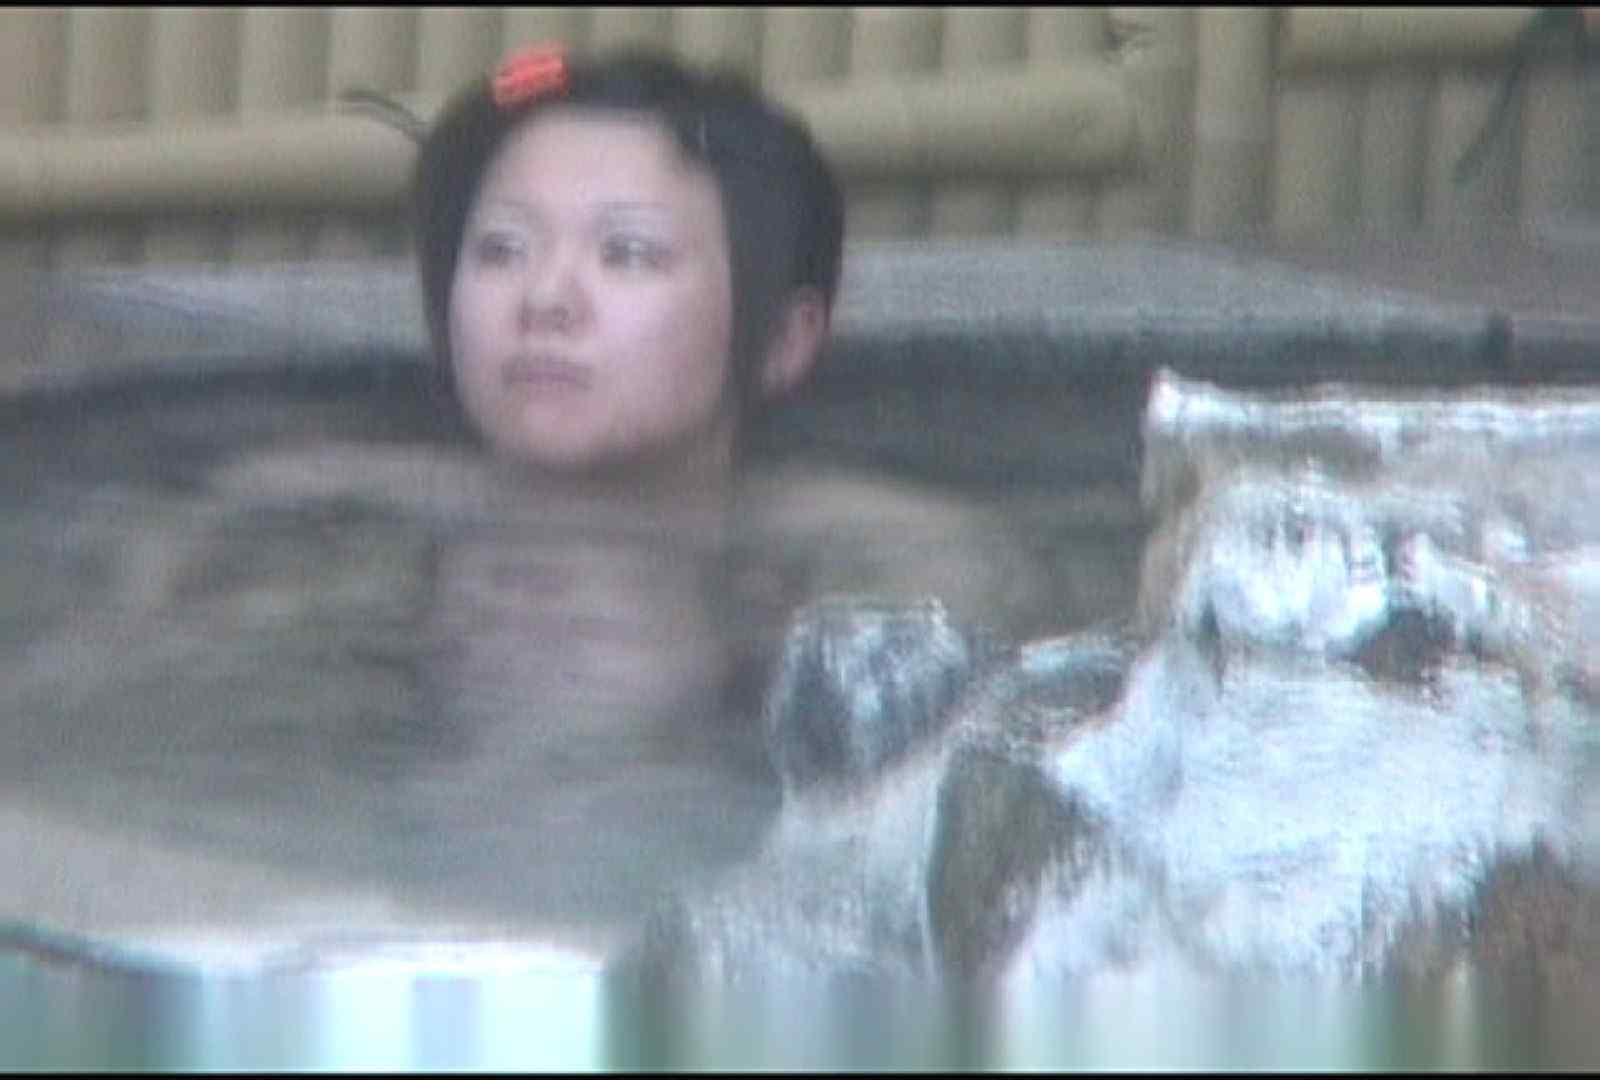 Aquaな露天風呂Vol.175 OLセックス 盗み撮りAV無料動画キャプチャ 77画像 68